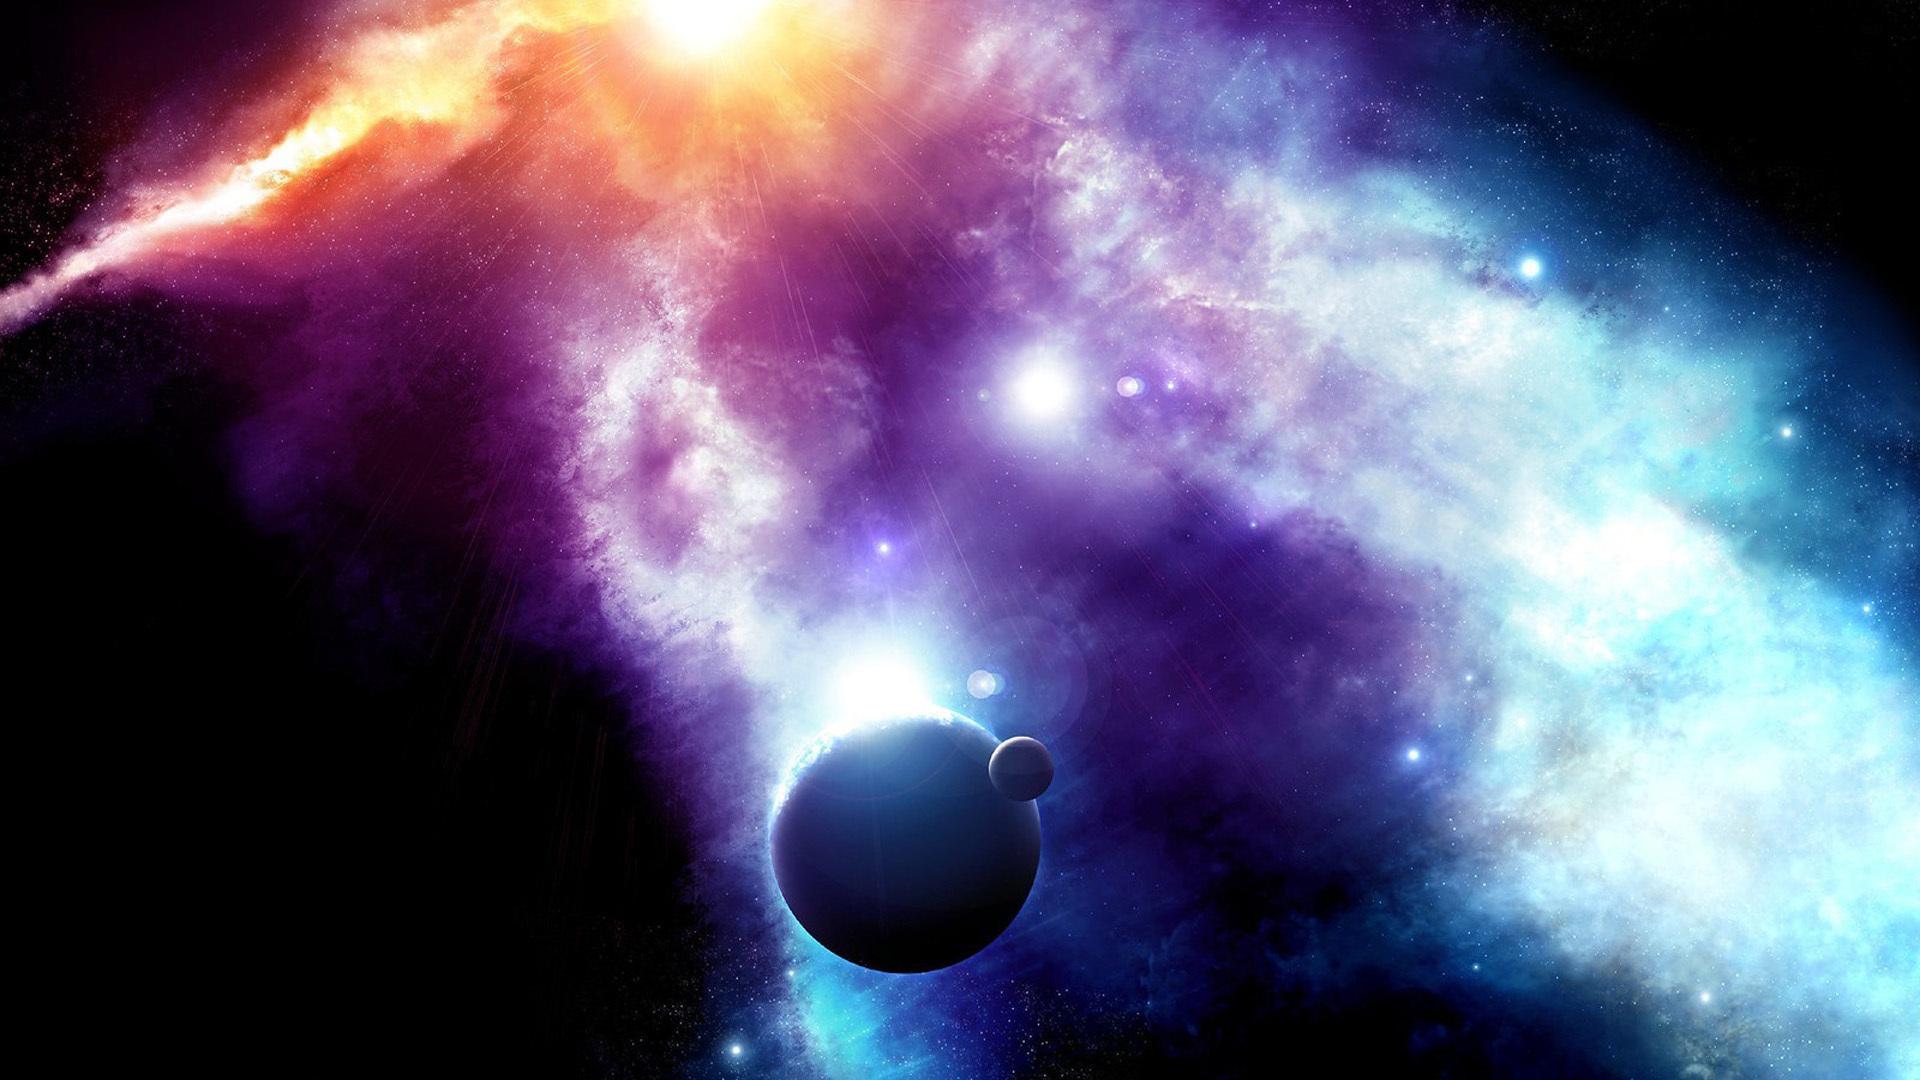 Обои хаббл планеты звезды